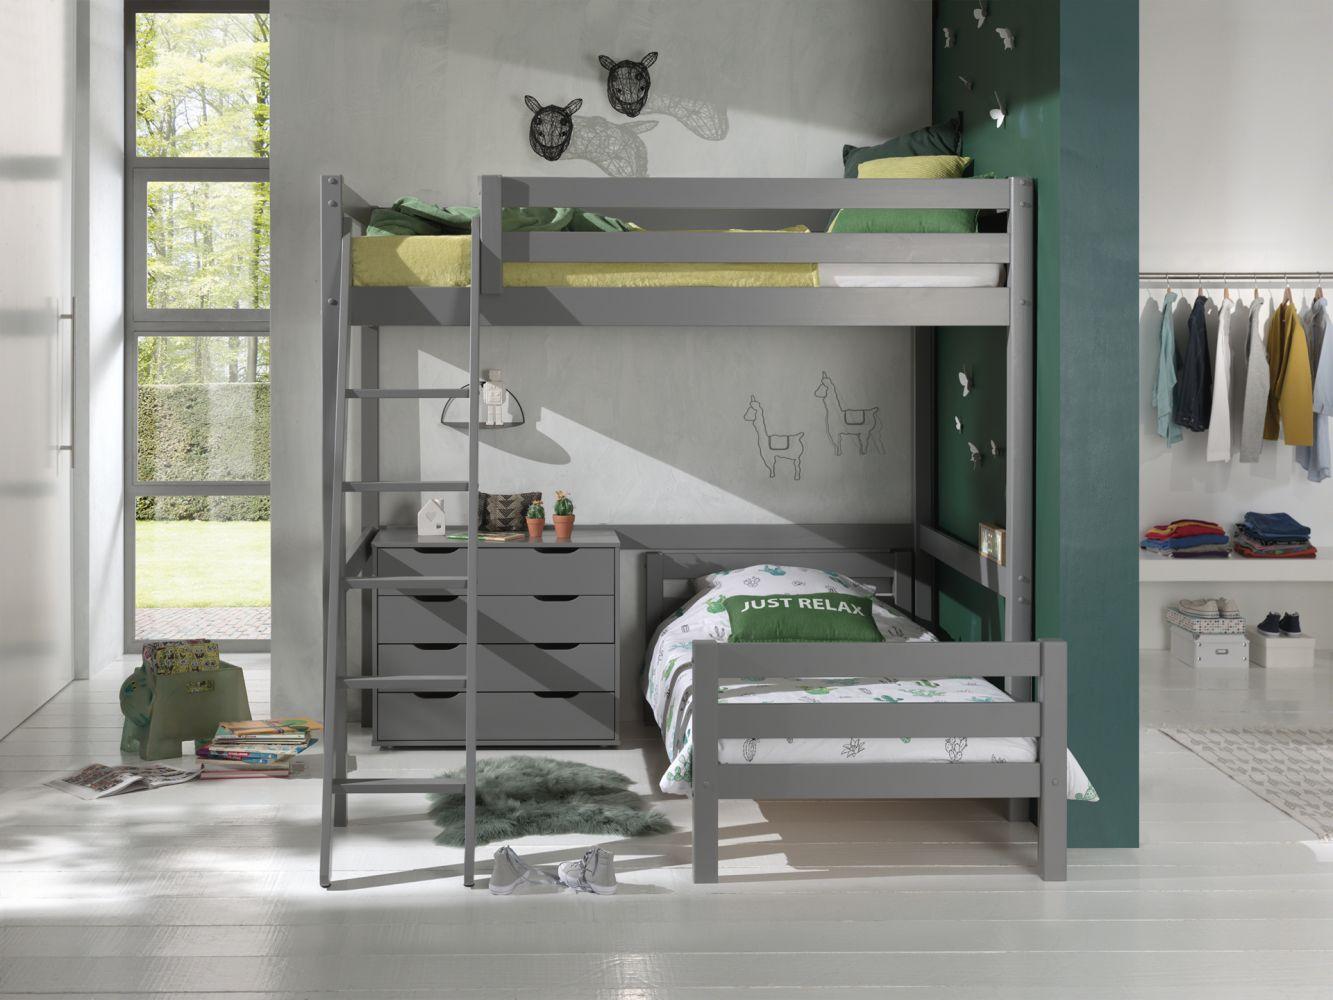 Vipack Winkel Hochbett mit 2 Liegeflächen 140/90 x 200 cm und Schubladen Kommode, Ausf. grau lackiert Bild 1